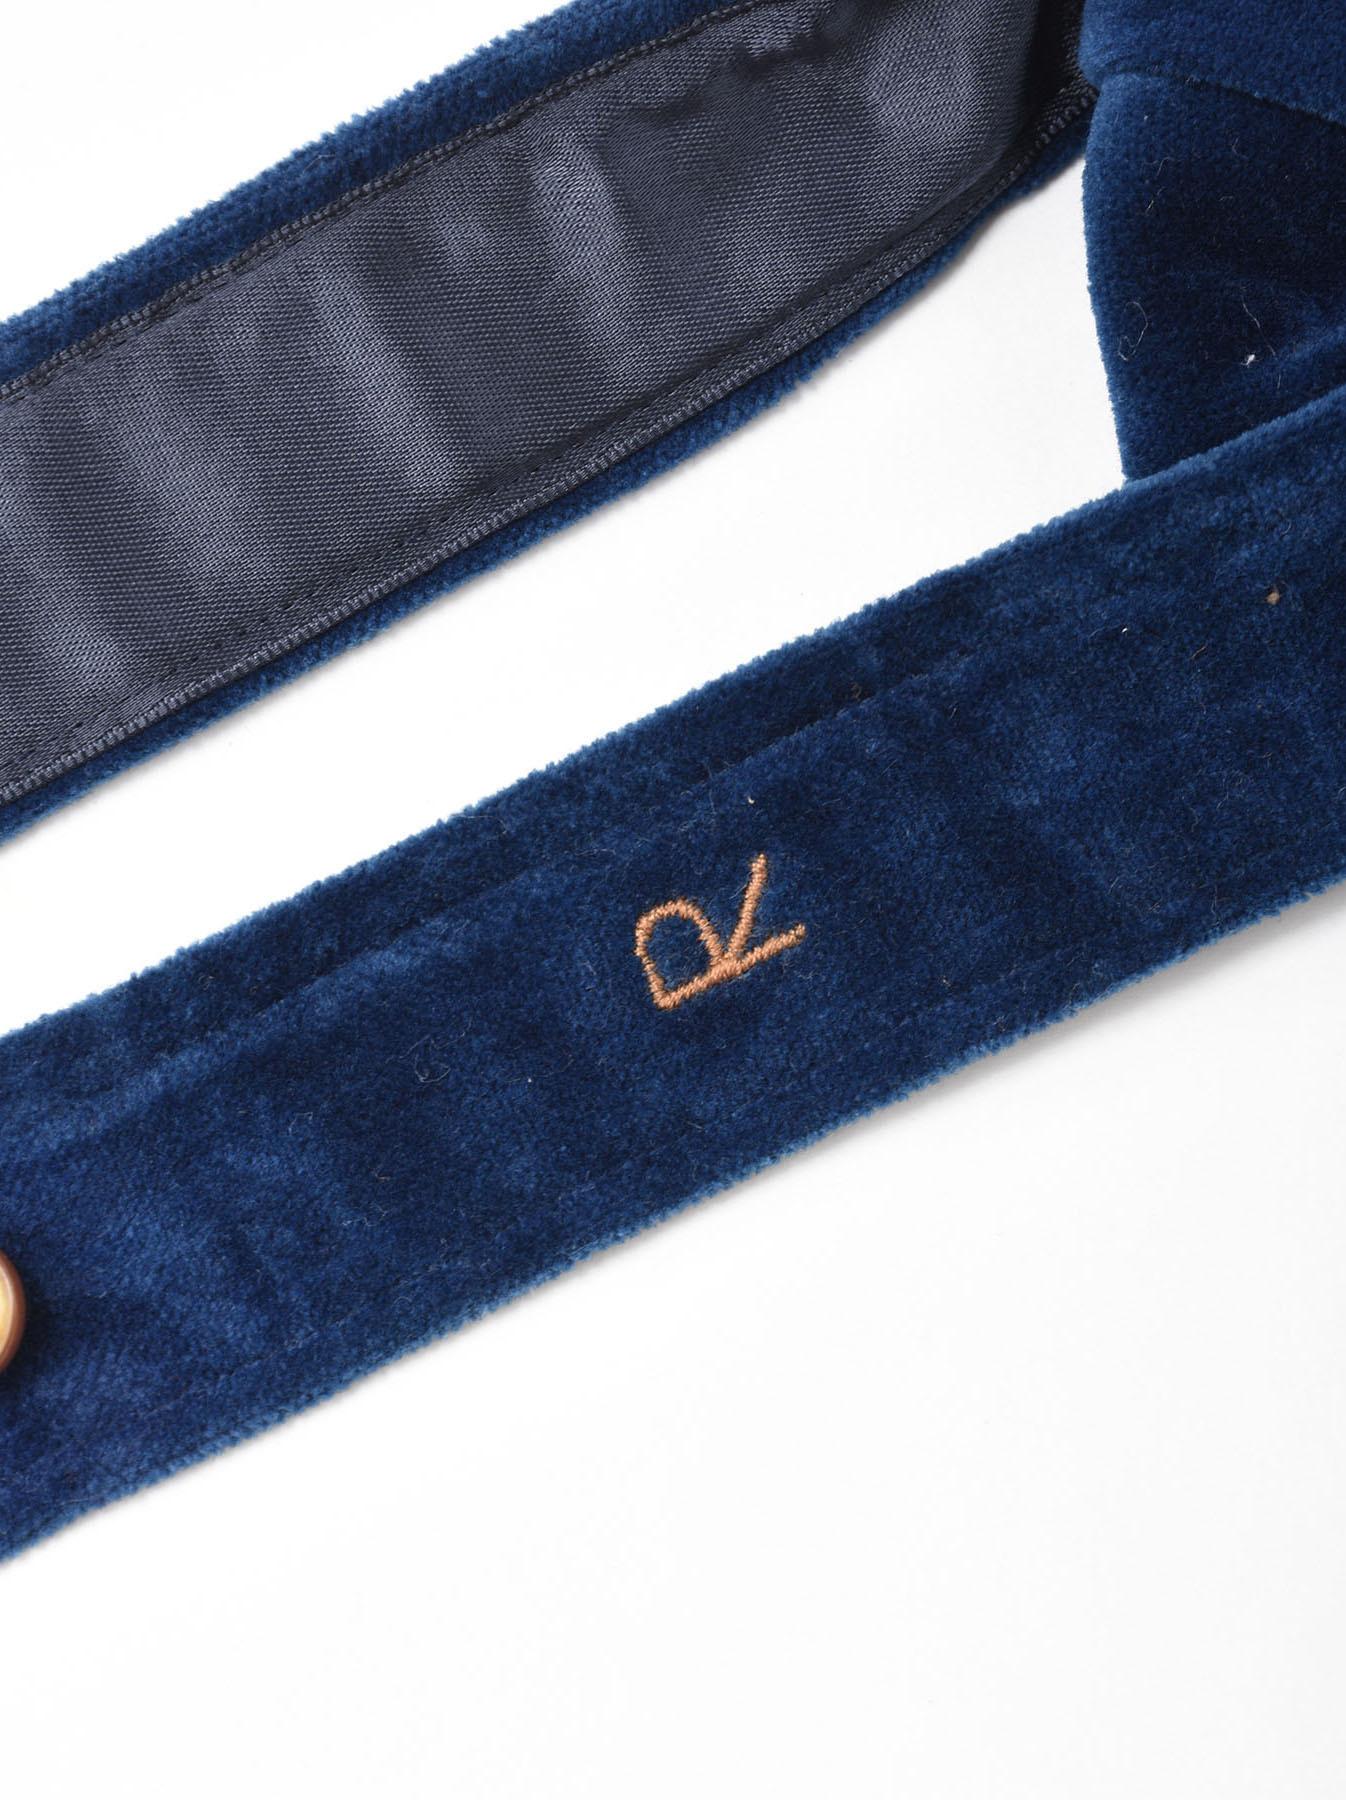 Indigo Velveteen Bow Tie-3